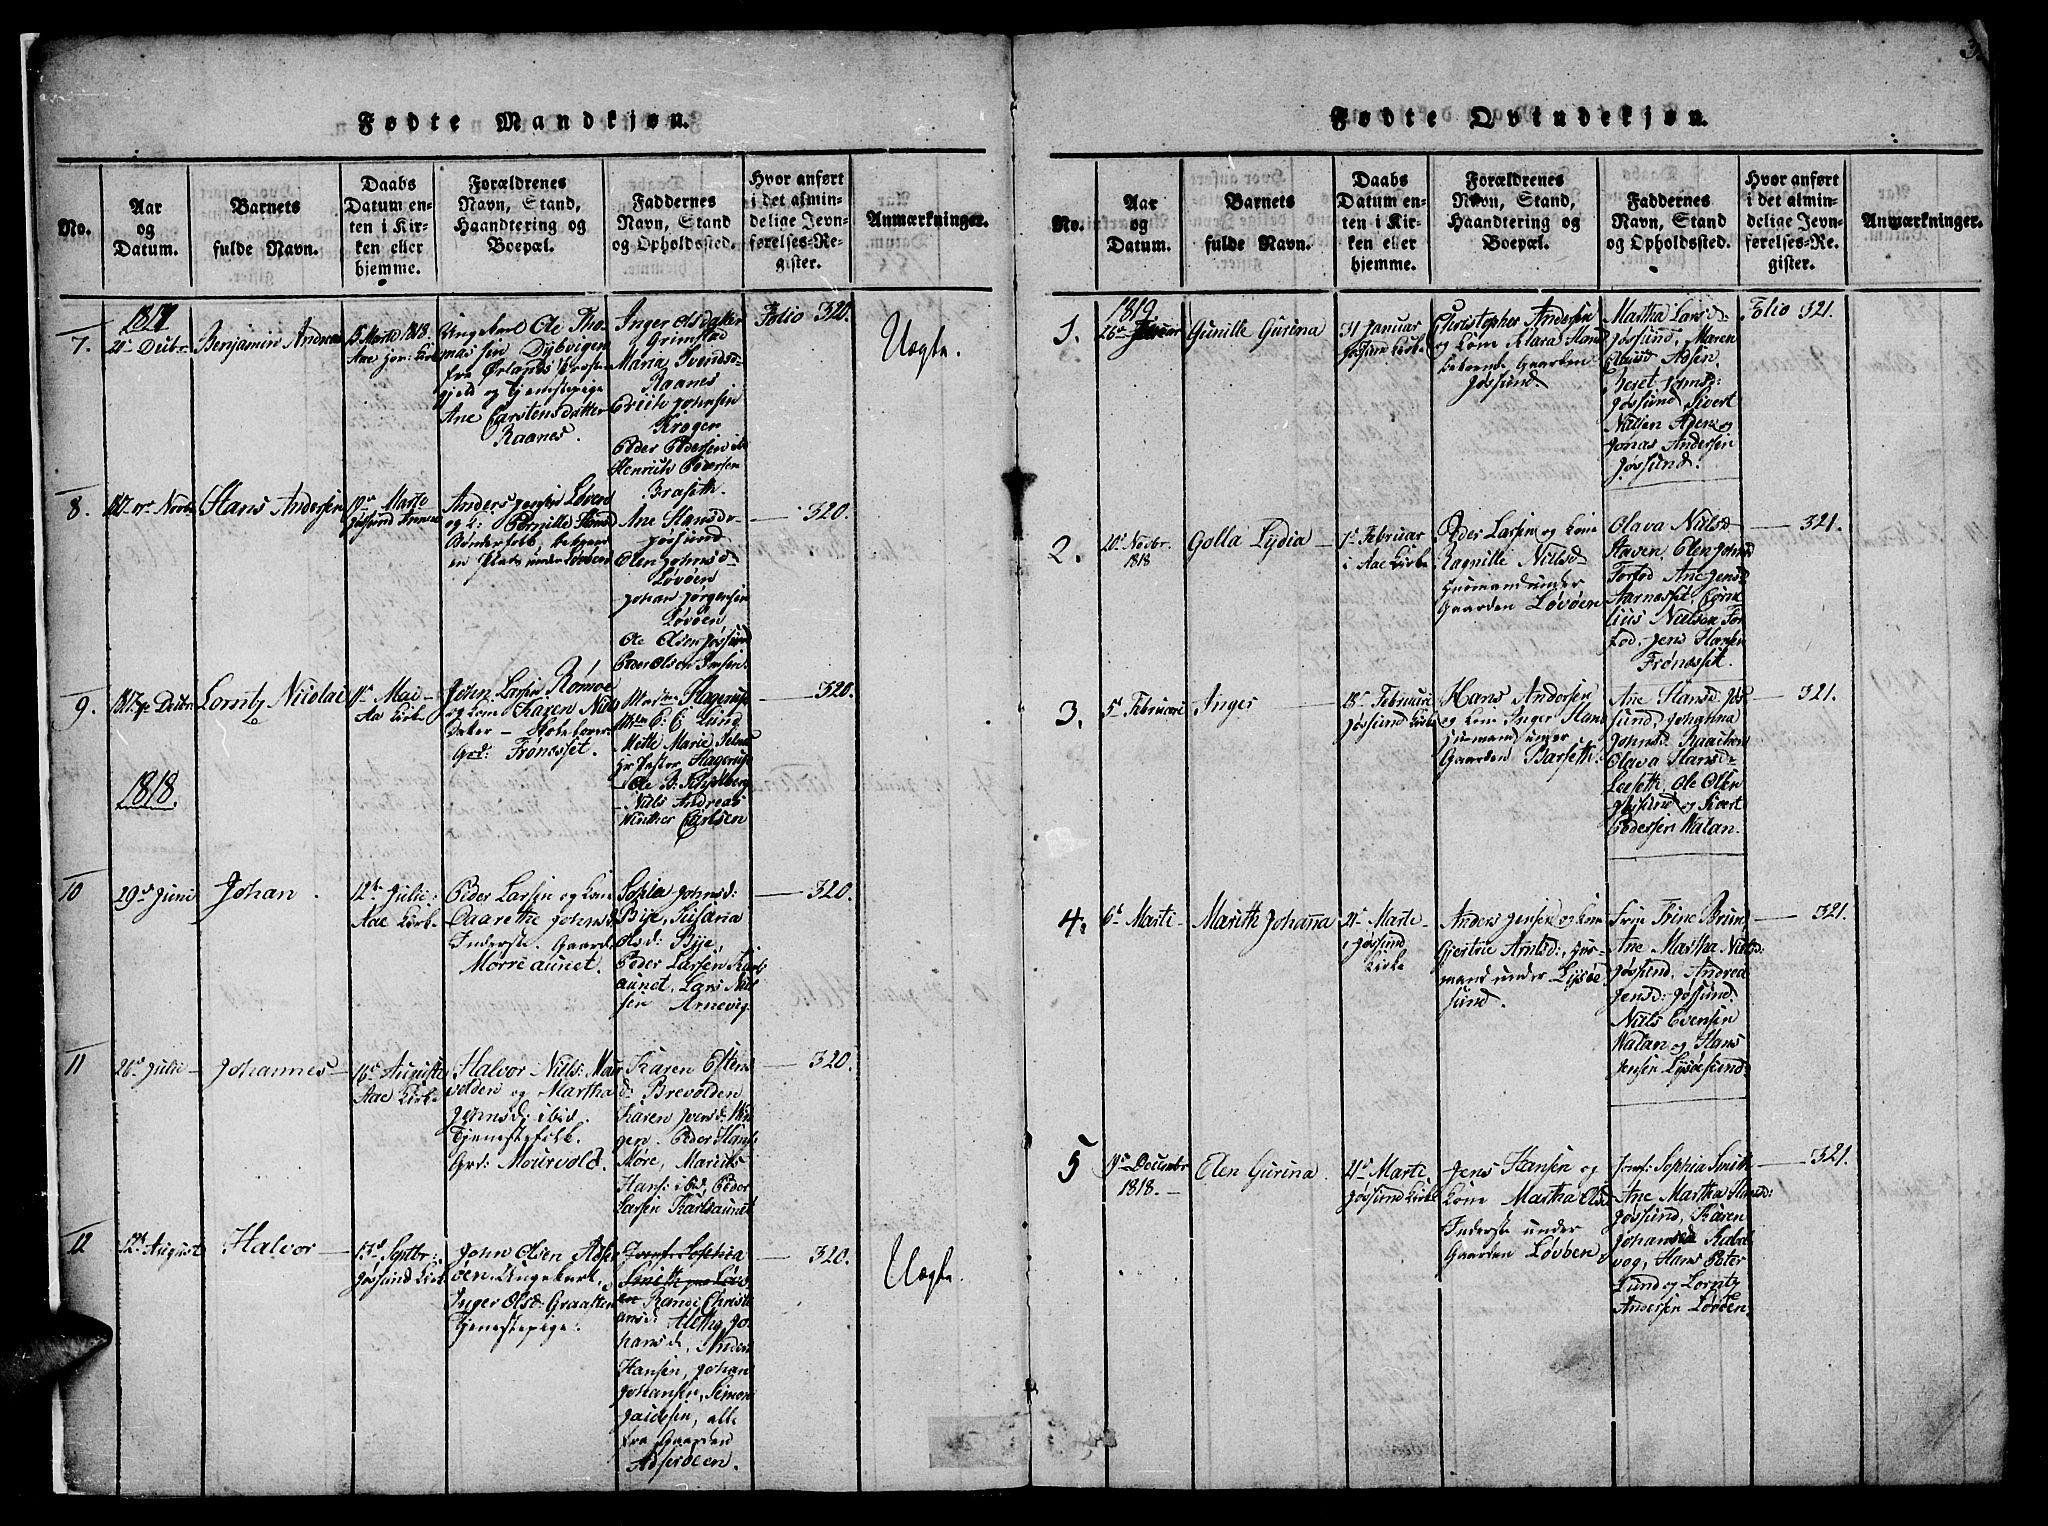 SAT, Ministerialprotokoller, klokkerbøker og fødselsregistre - Sør-Trøndelag, 655/L0675: Ministerialbok nr. 655A04, 1818-1830, s. 3